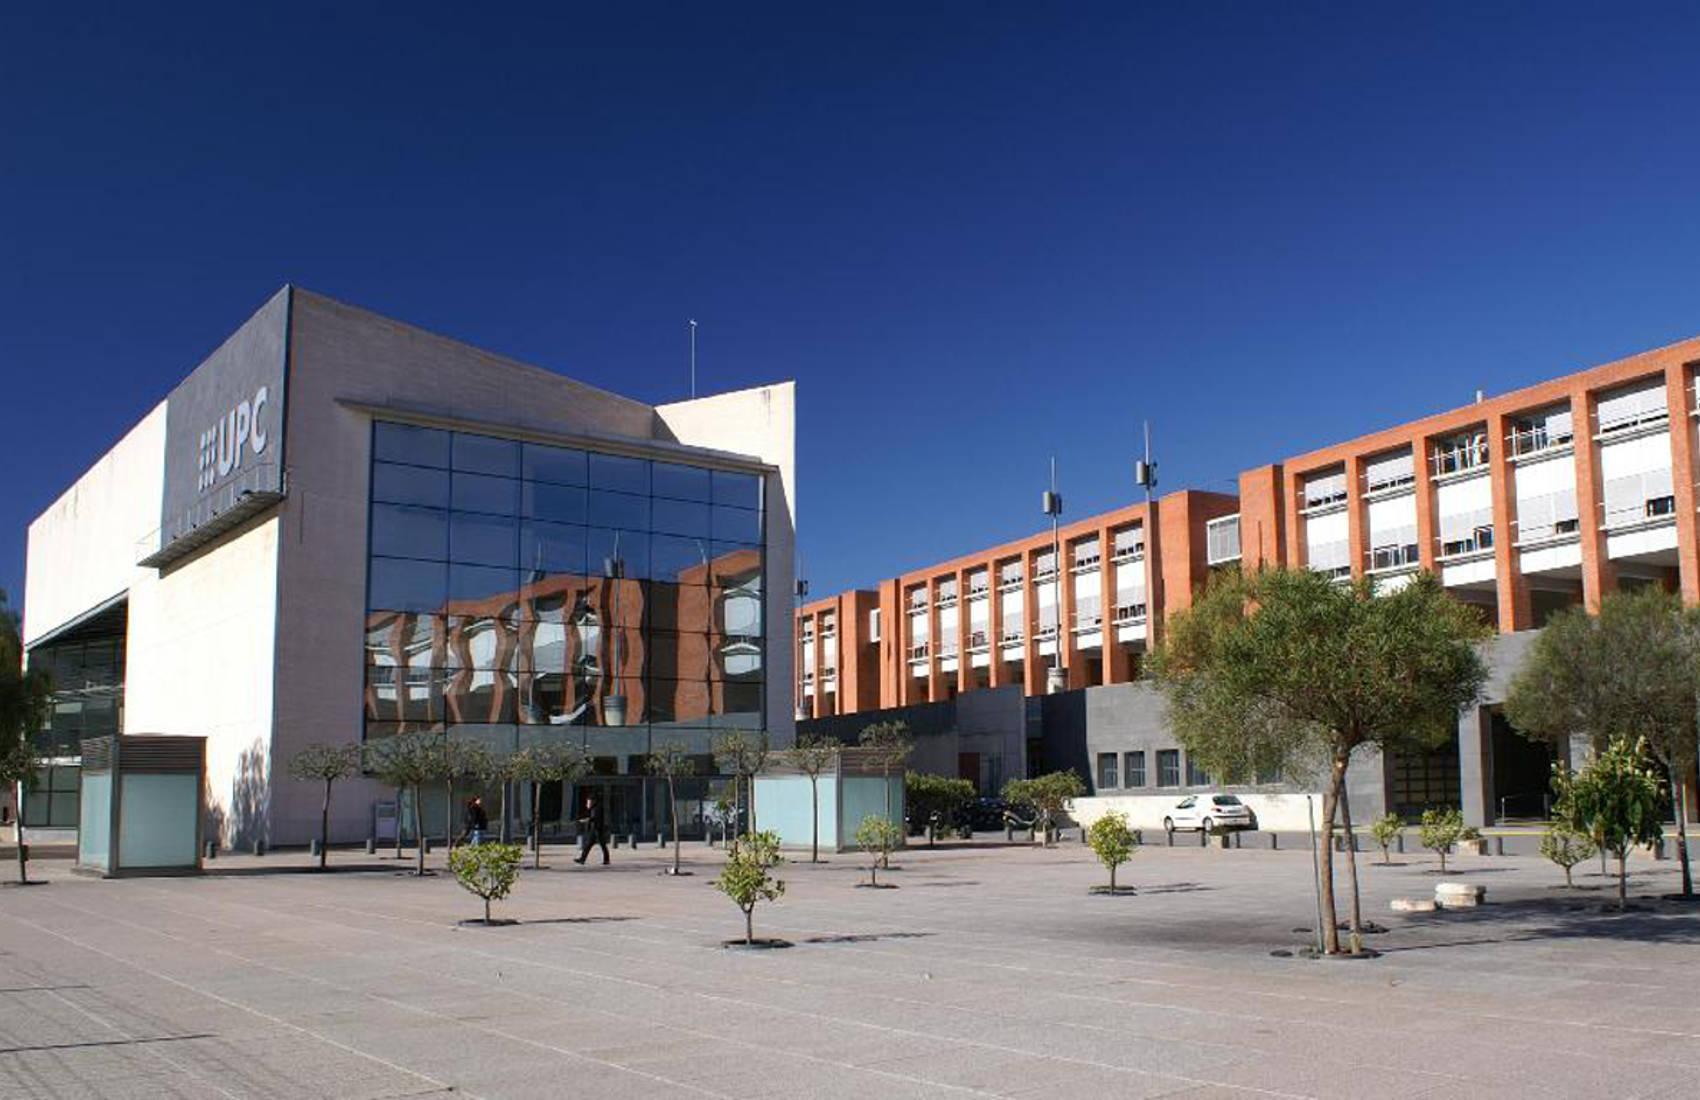 Alloggi per studenti vicino all 39 universidad polit cnica for Alloggi a barcellona